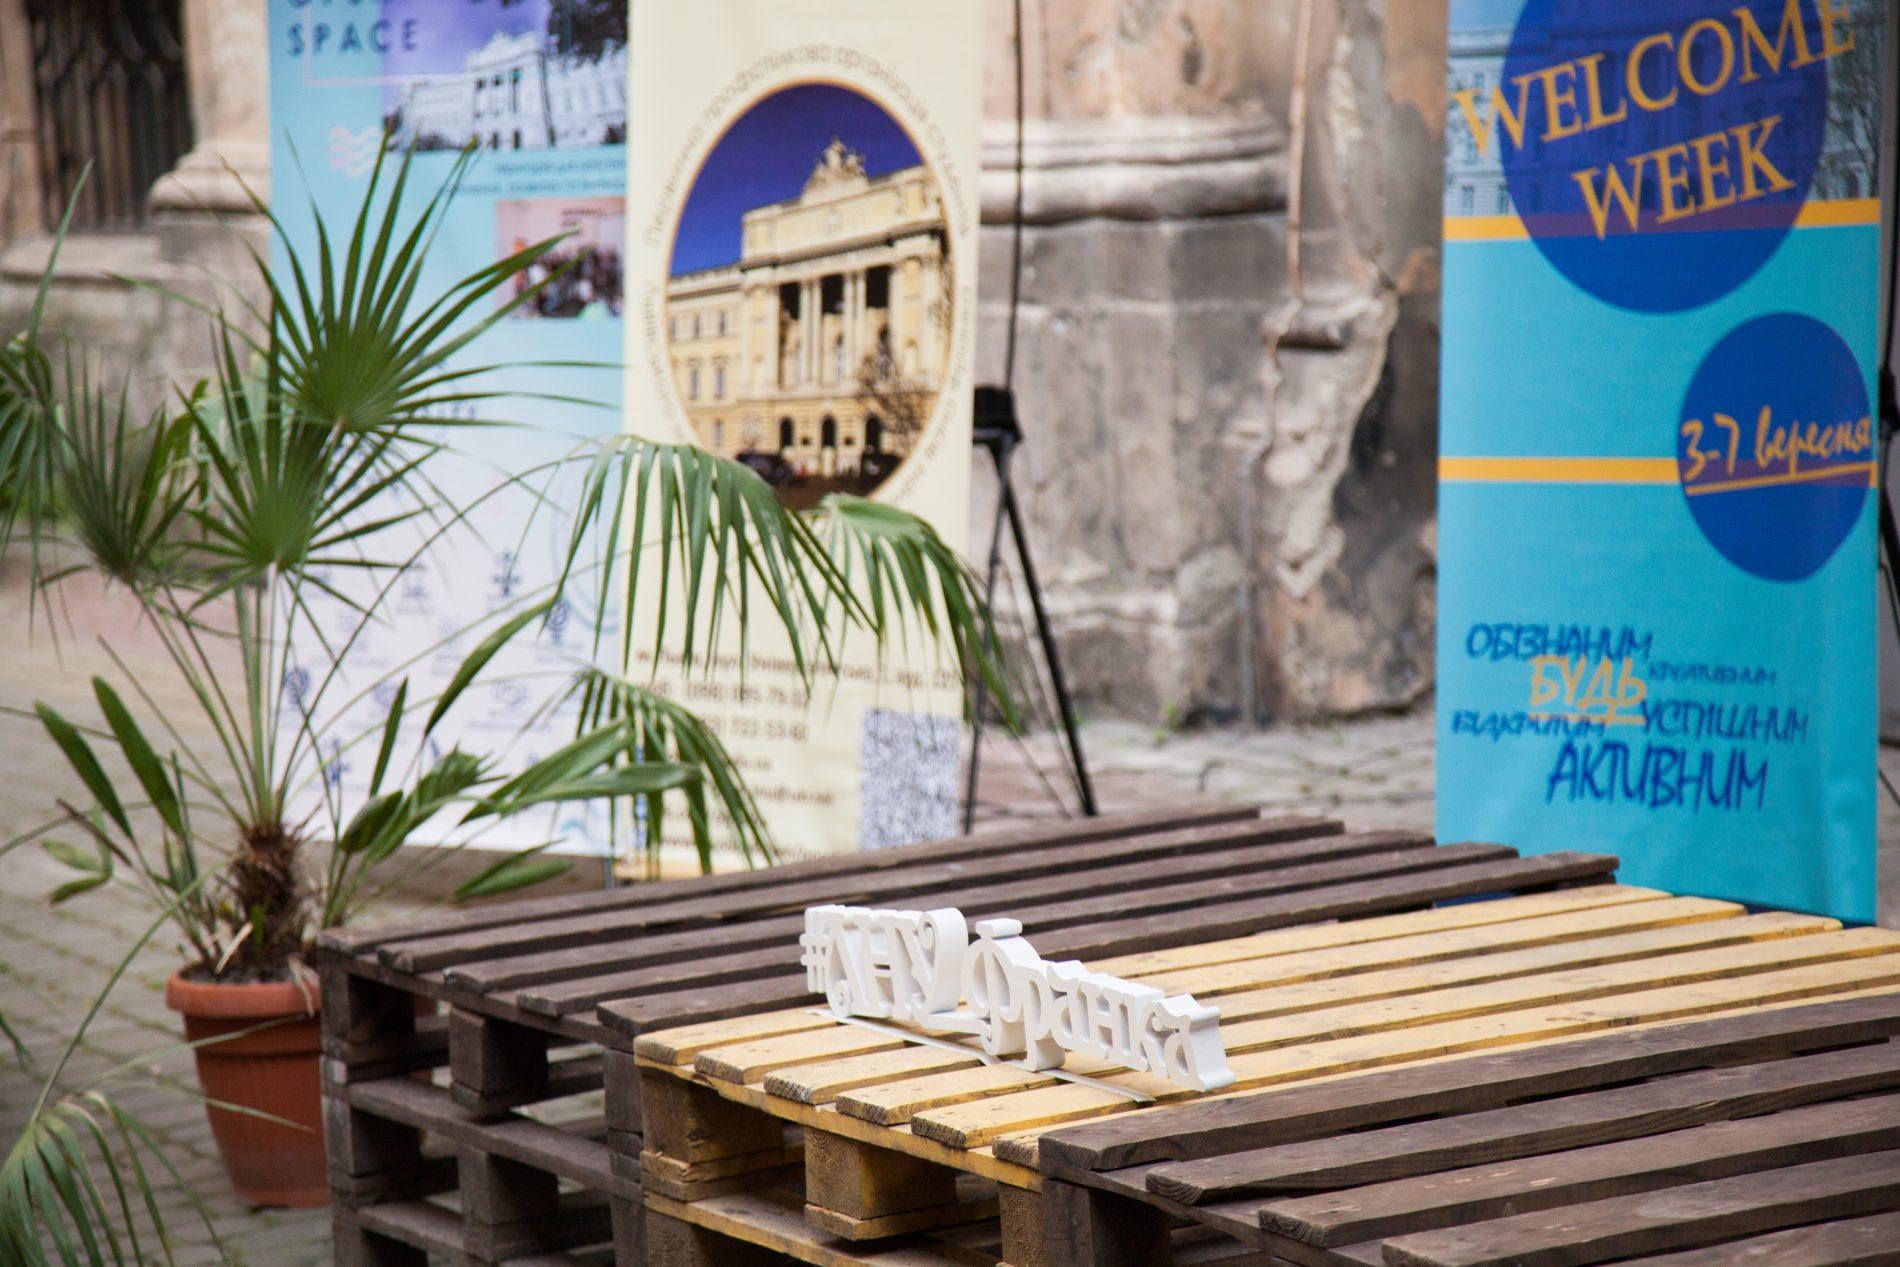 З 3 до 7 вересня у Львівському національному університеті імені Івана Франка відбувся Welcome week